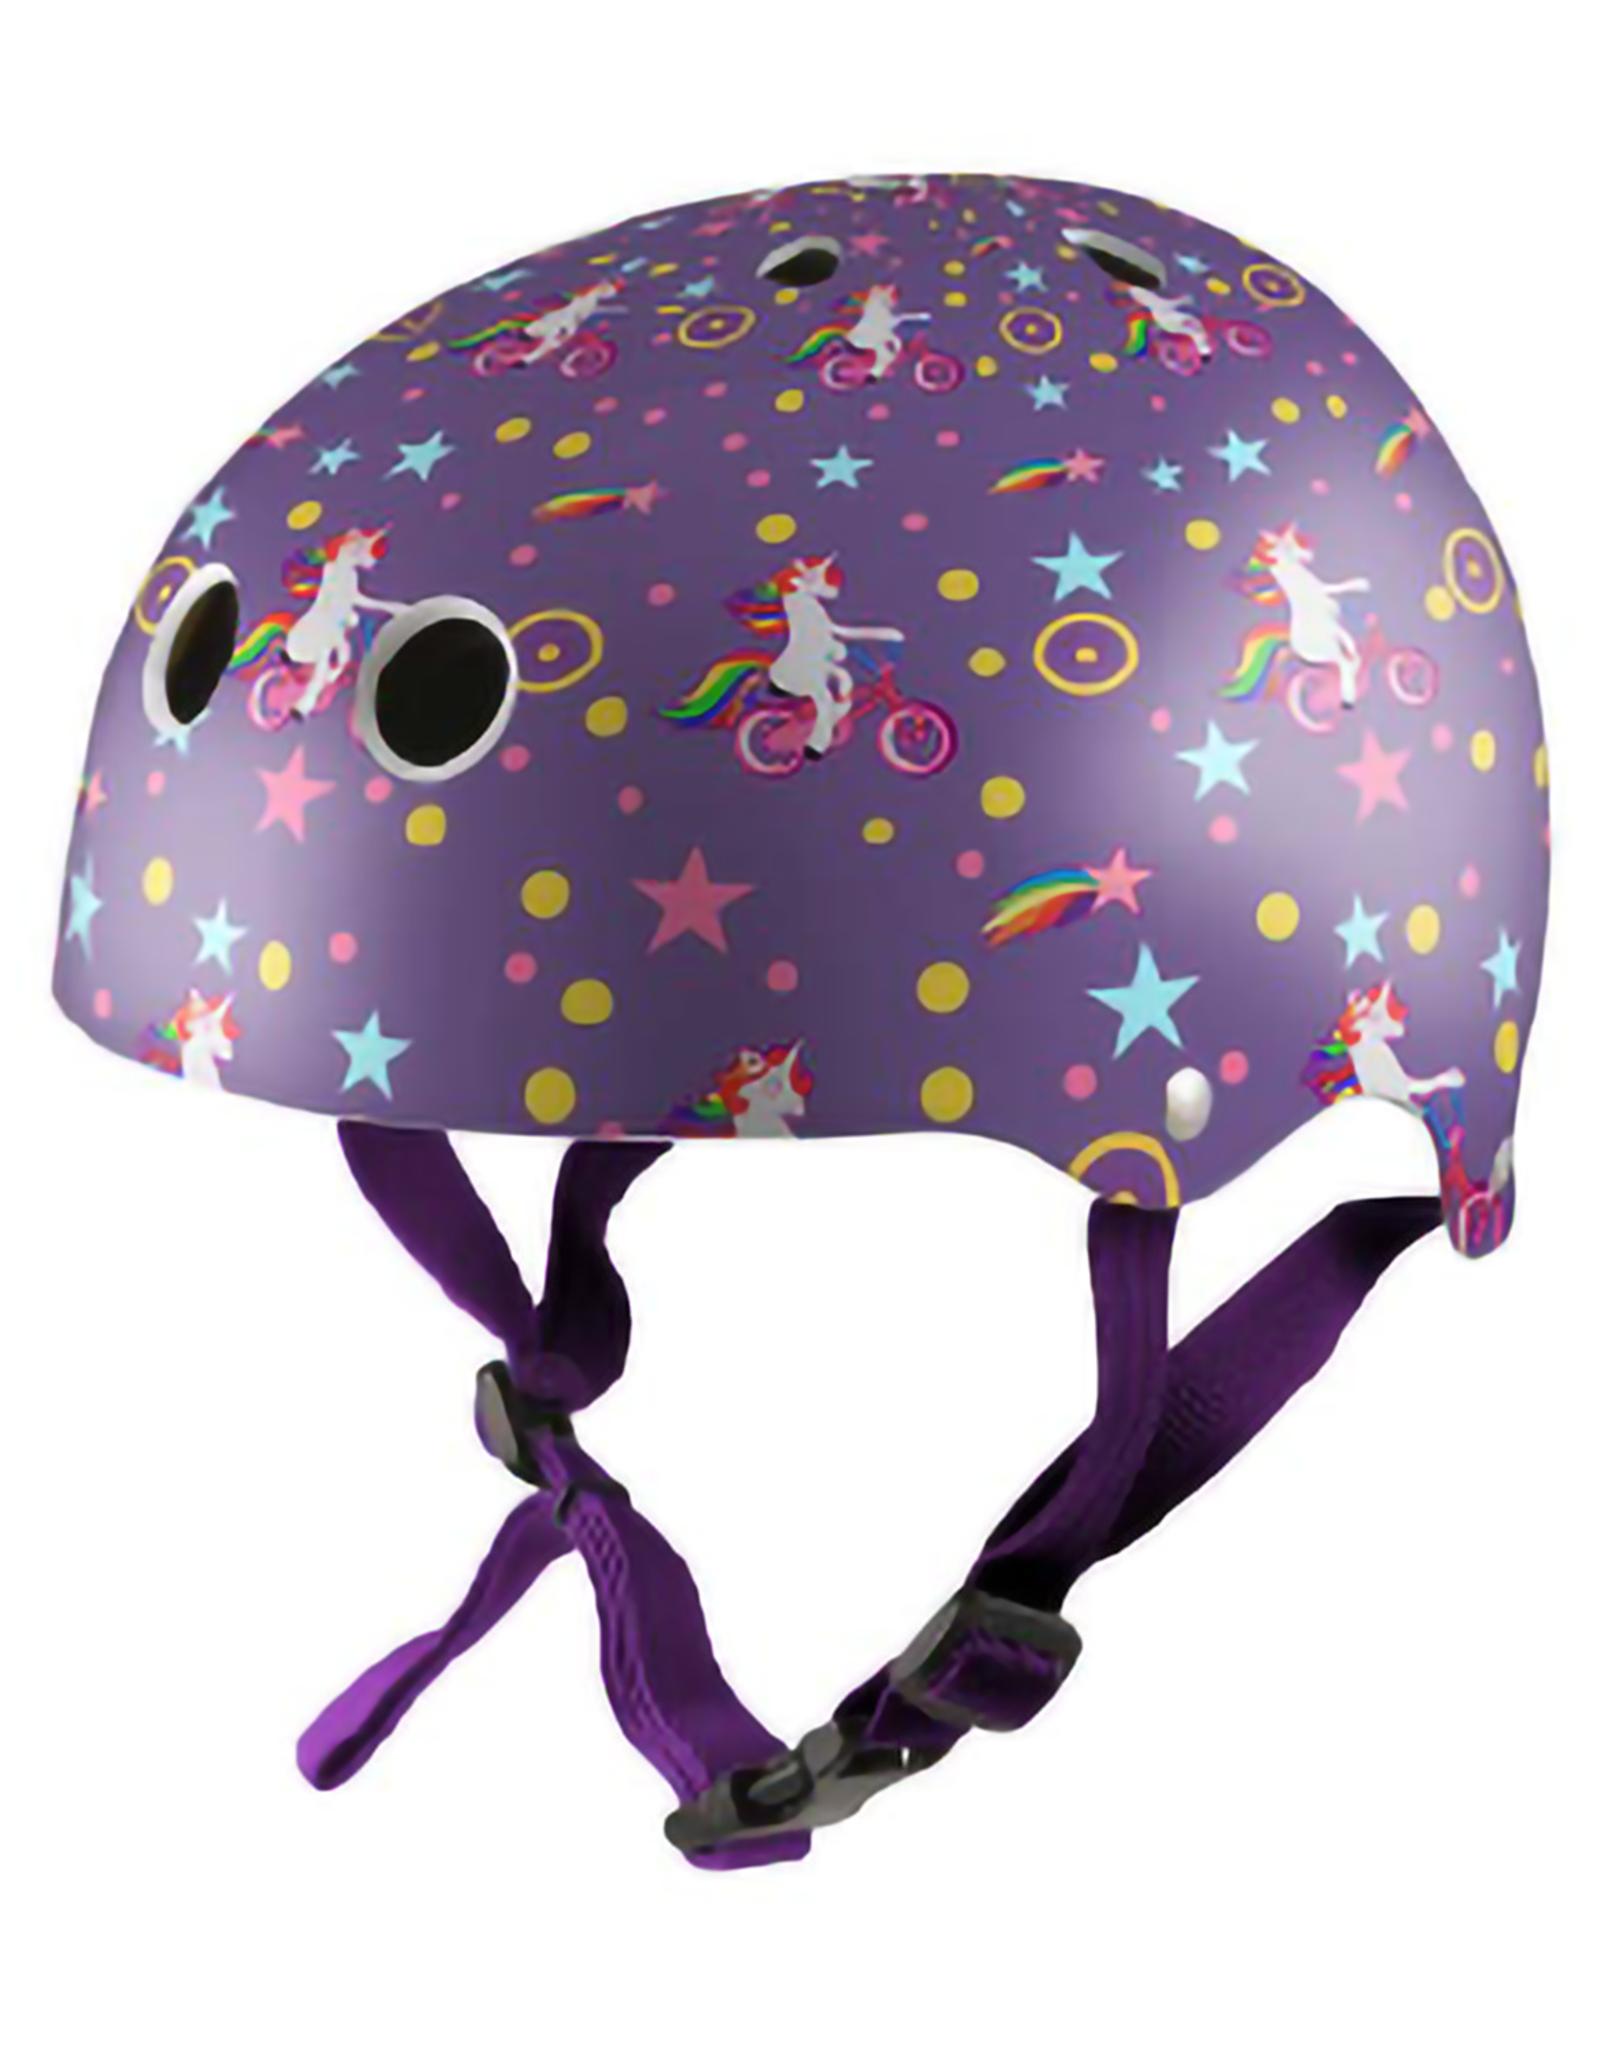 Kiddimoto Helmet Kiddimoto helmet - Purple Unicorn Small